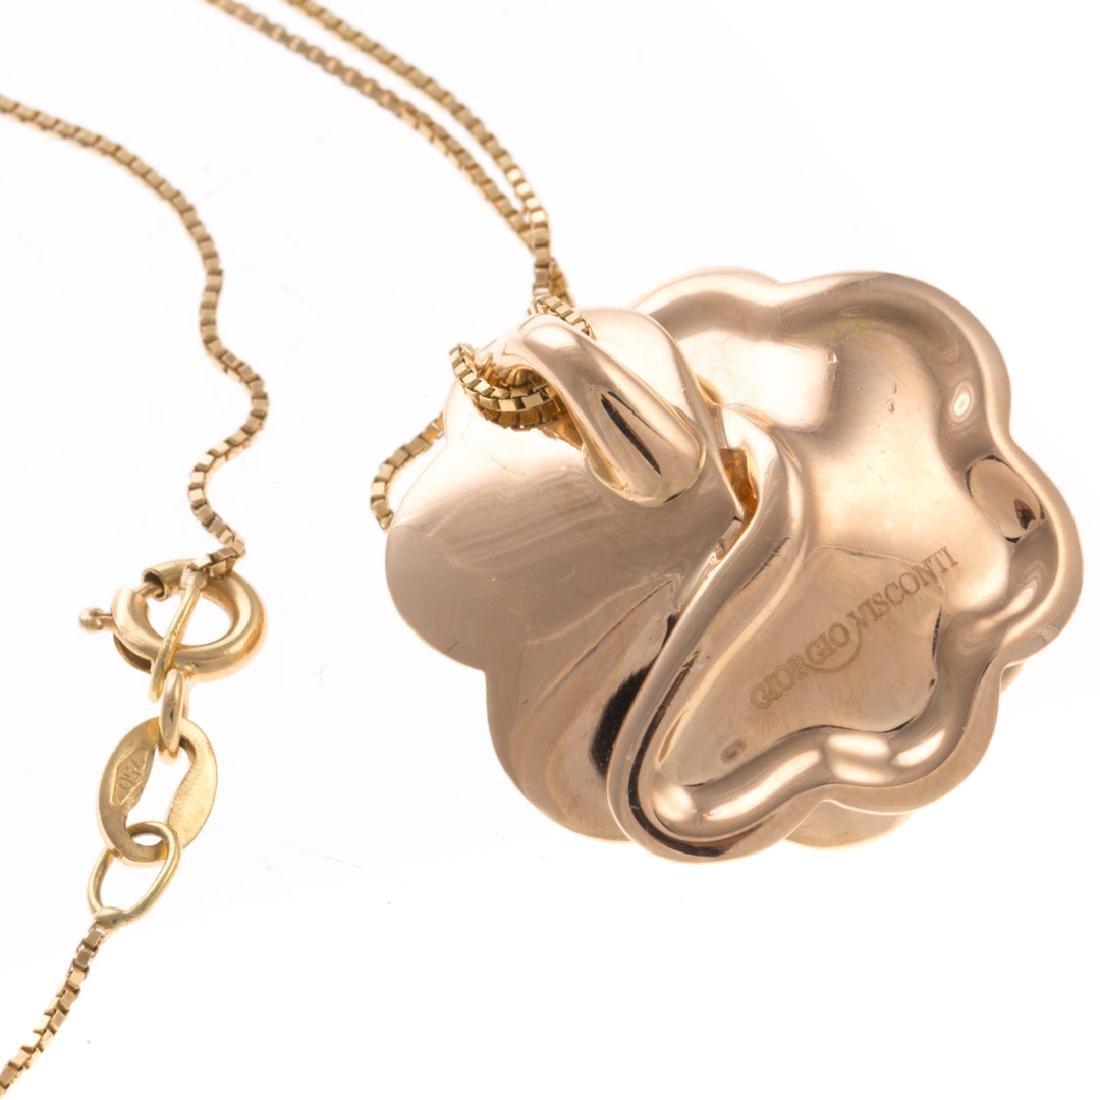 A Giorgio Visconti Diamond Flower Necklace in 18K - 5